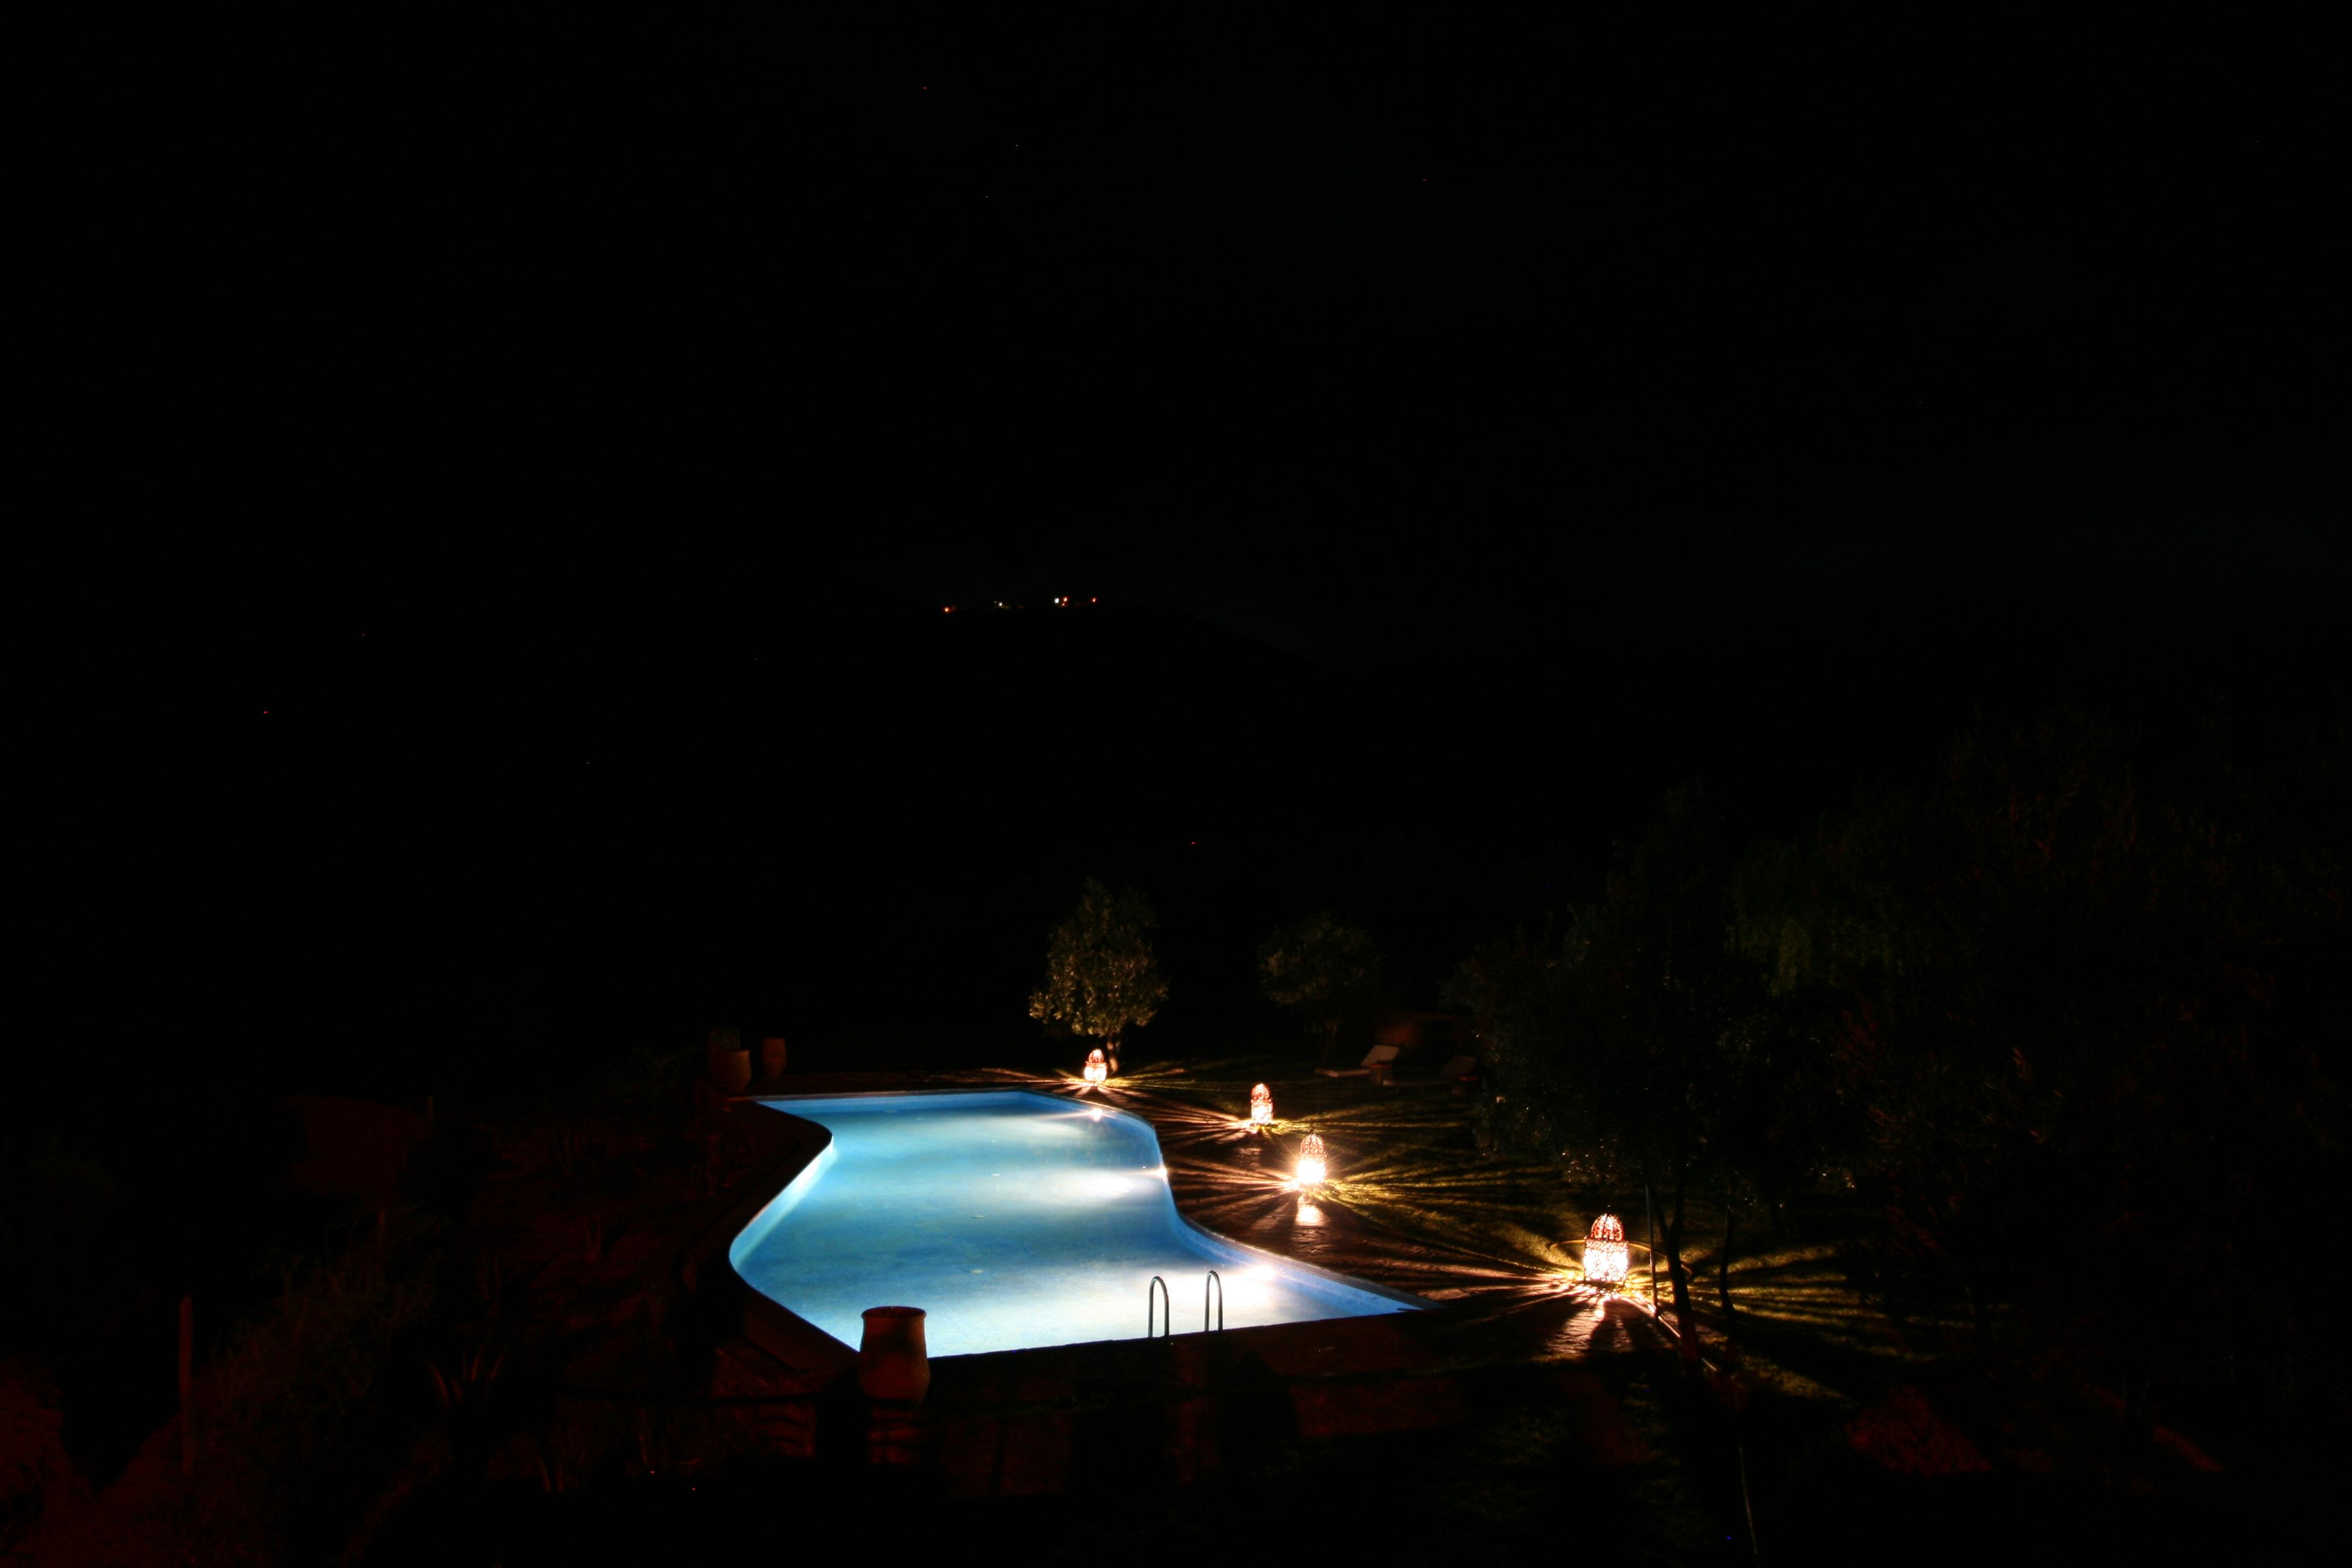 Kasbah Africa Pool In The Dark